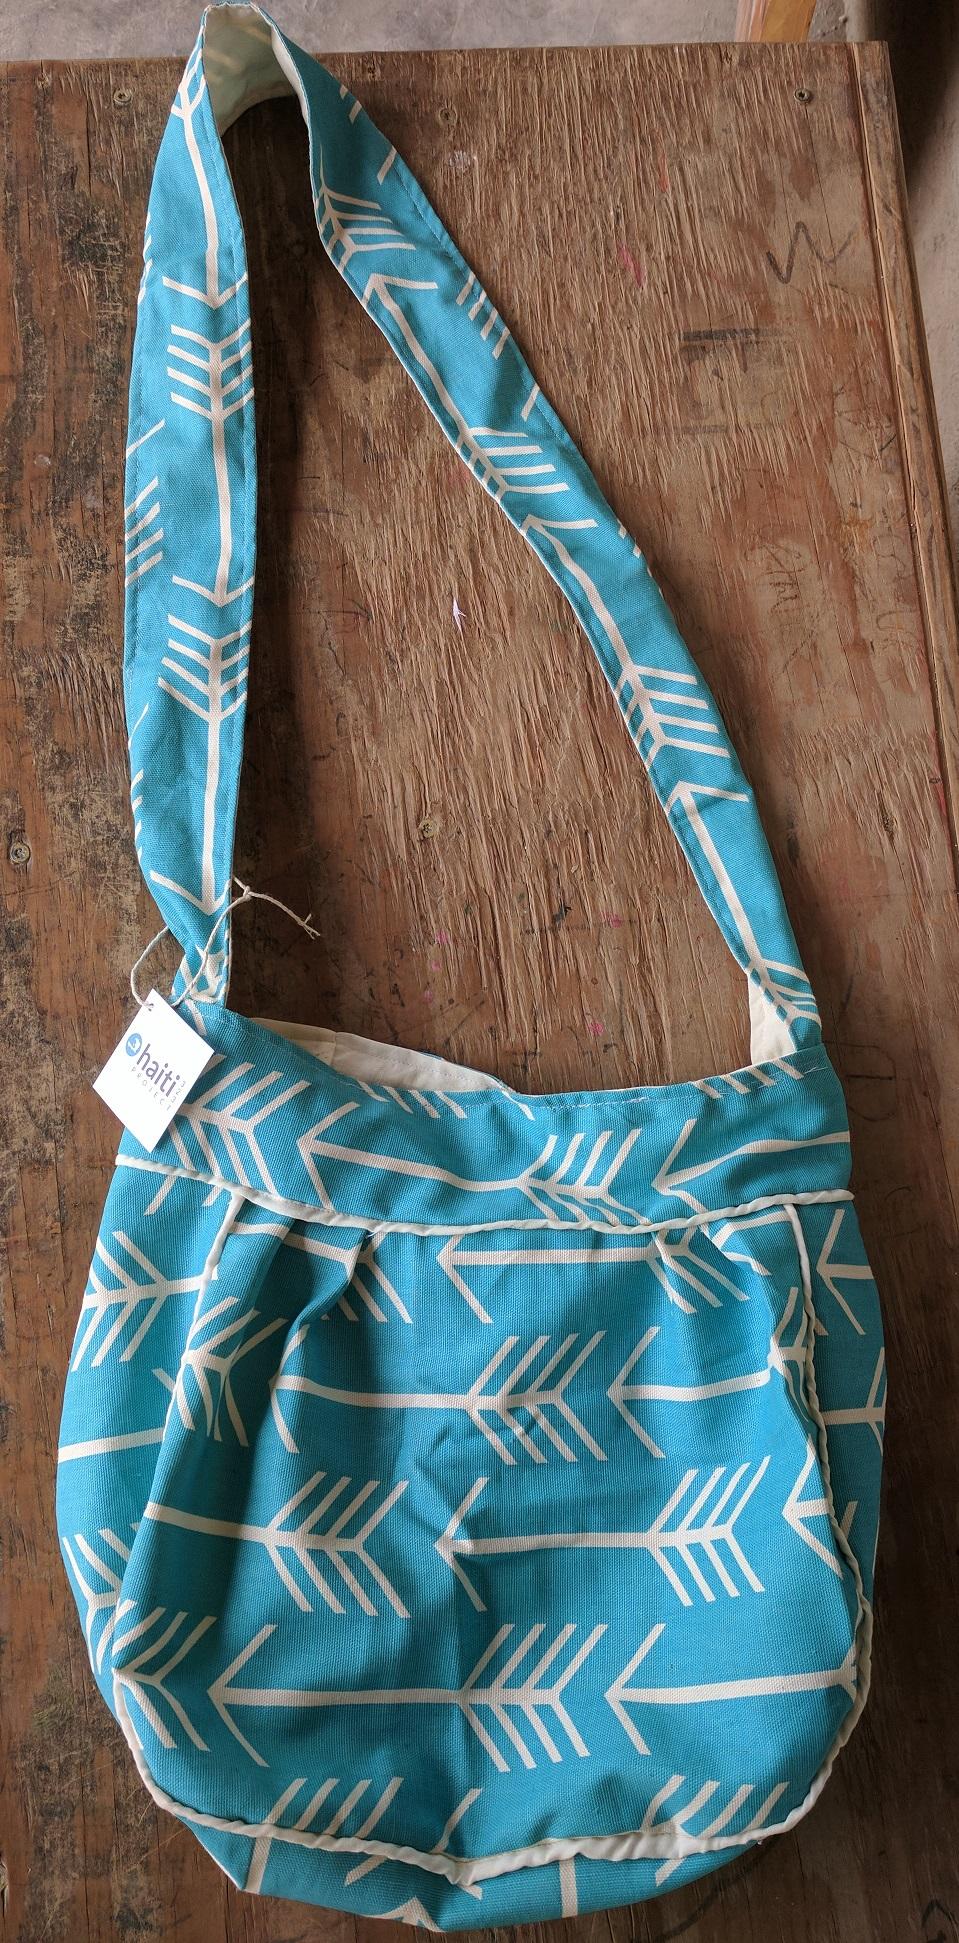 Johnson's bag.jpg